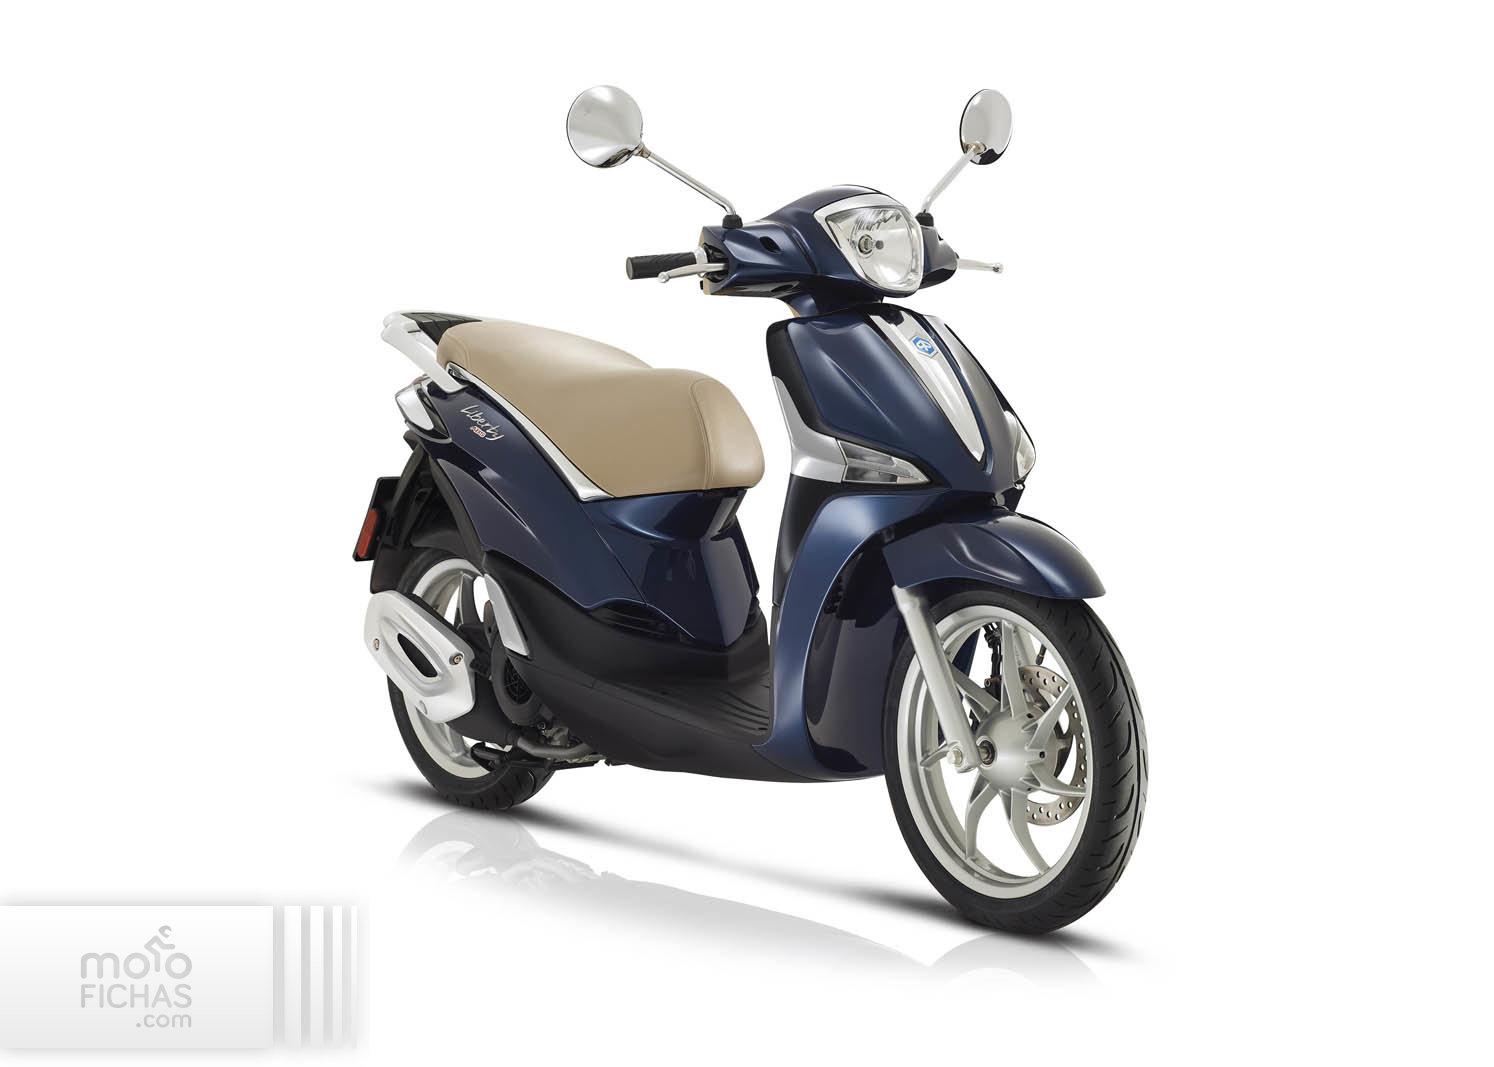 Piaggio Liberty 125 S 2016 2020 Precio Ficha Opiniones Y Ofertas